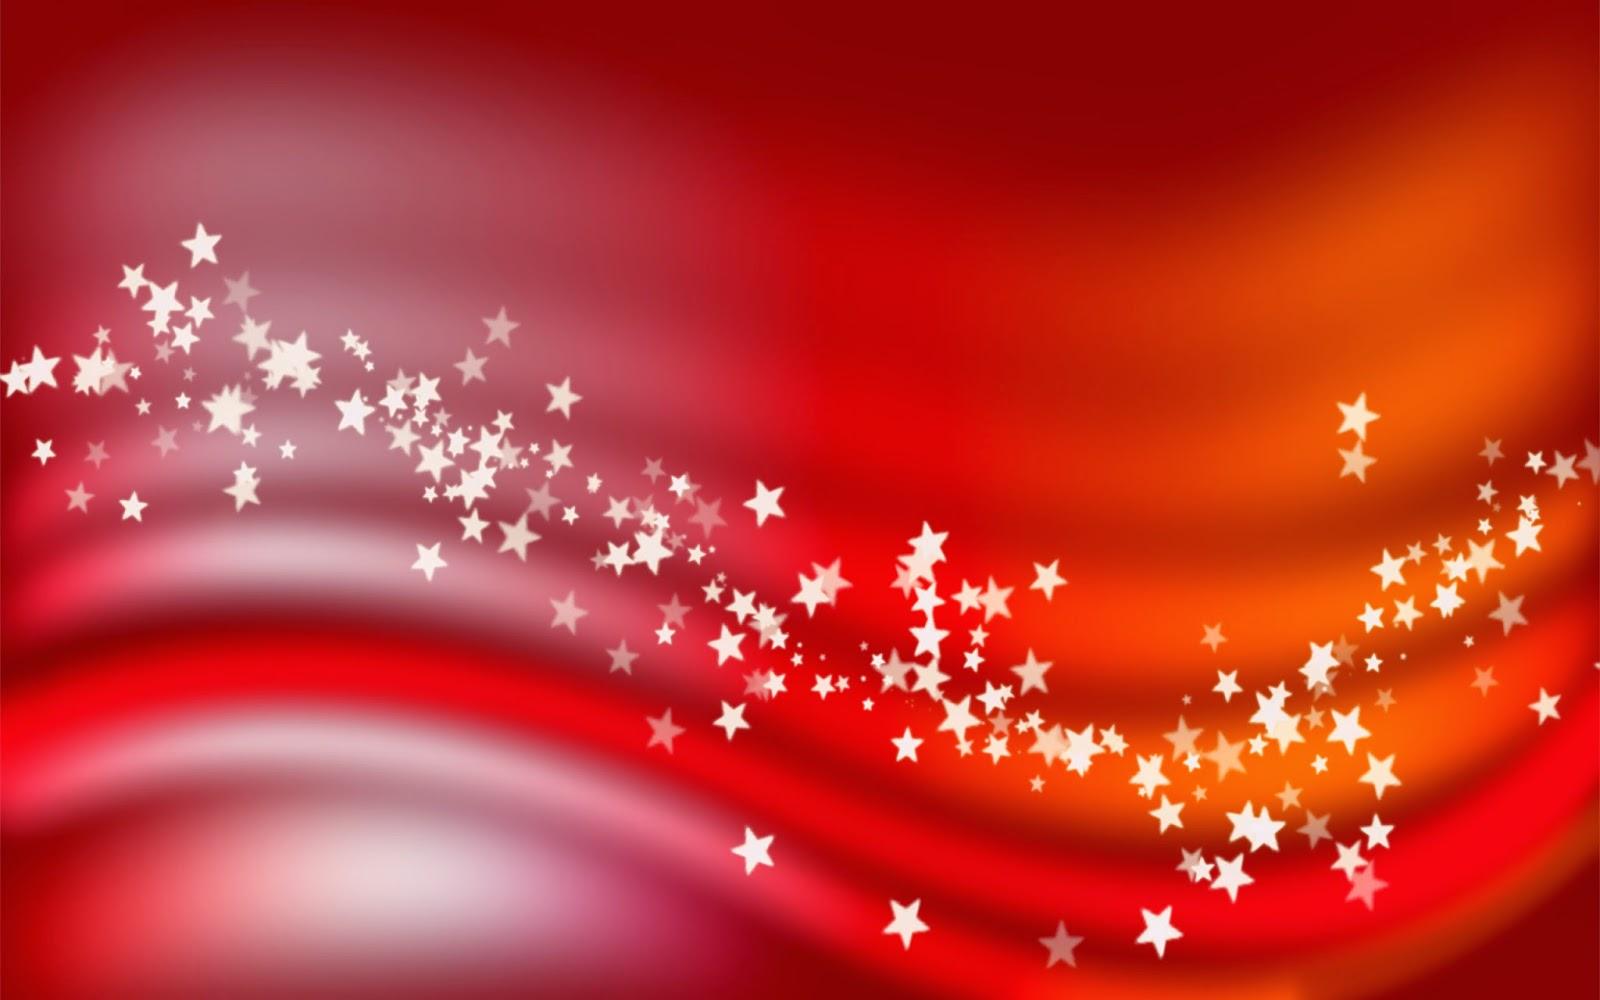 Facebook italia immagini e wallpaper di natale for Natale immagini per desktop